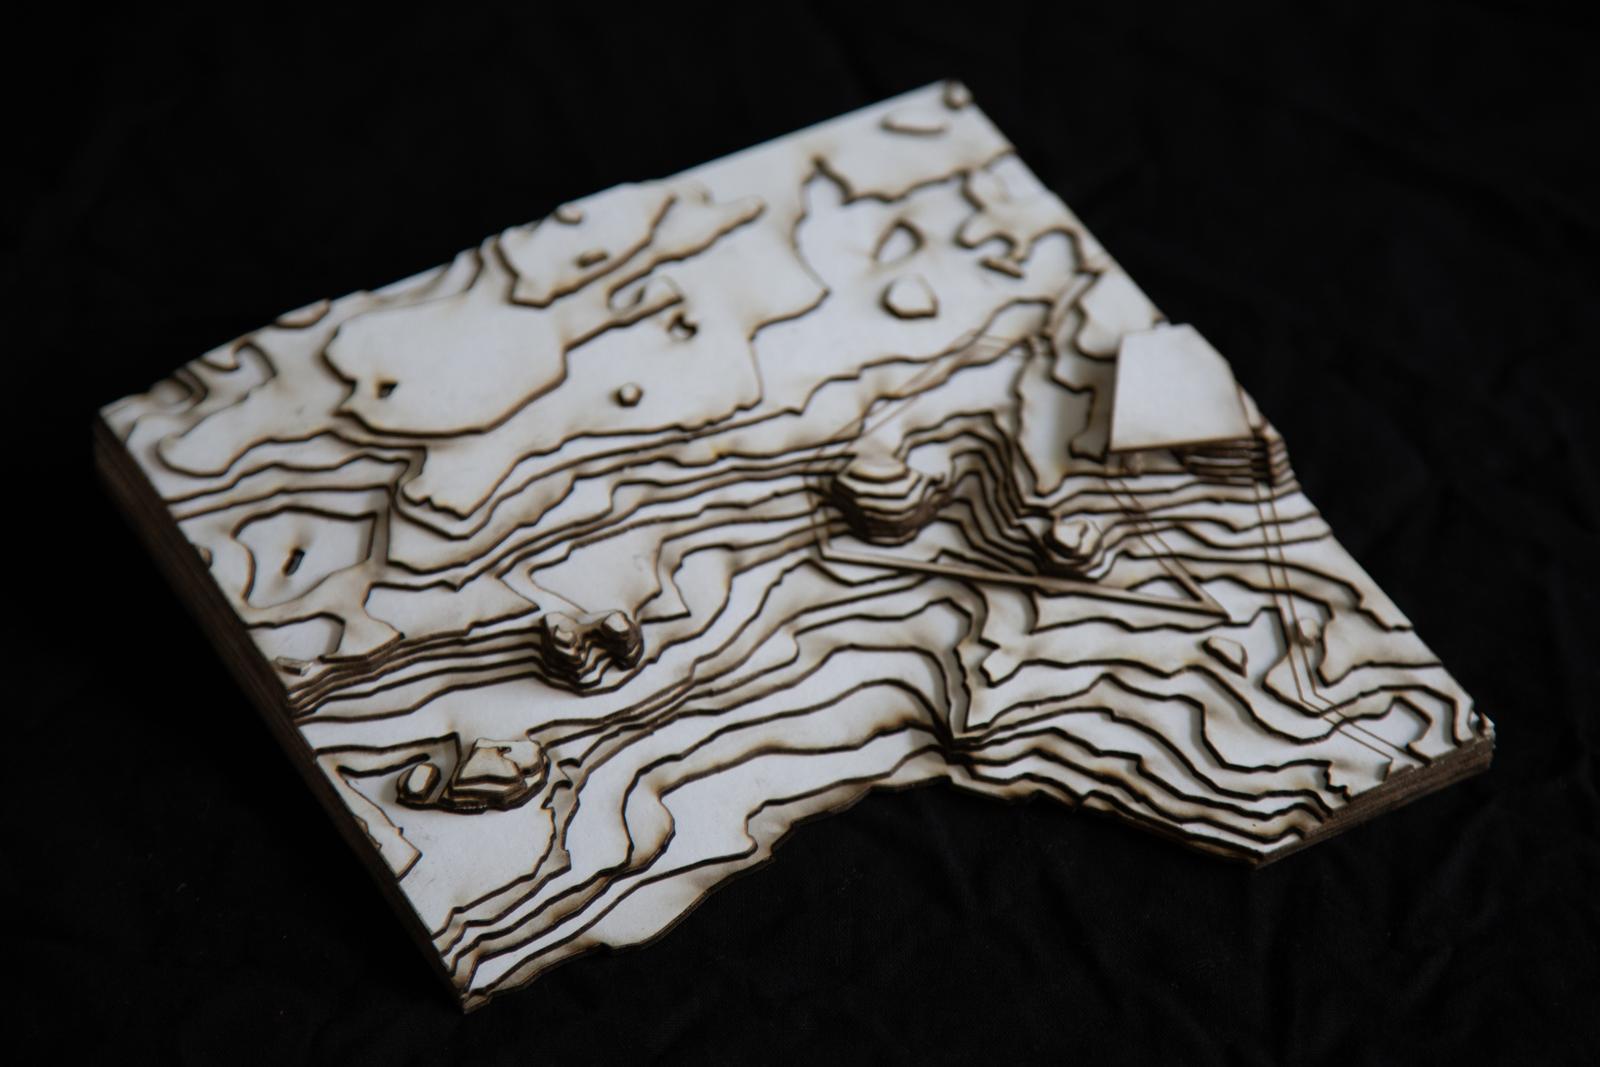 Imagining Terrains Andrea Binz